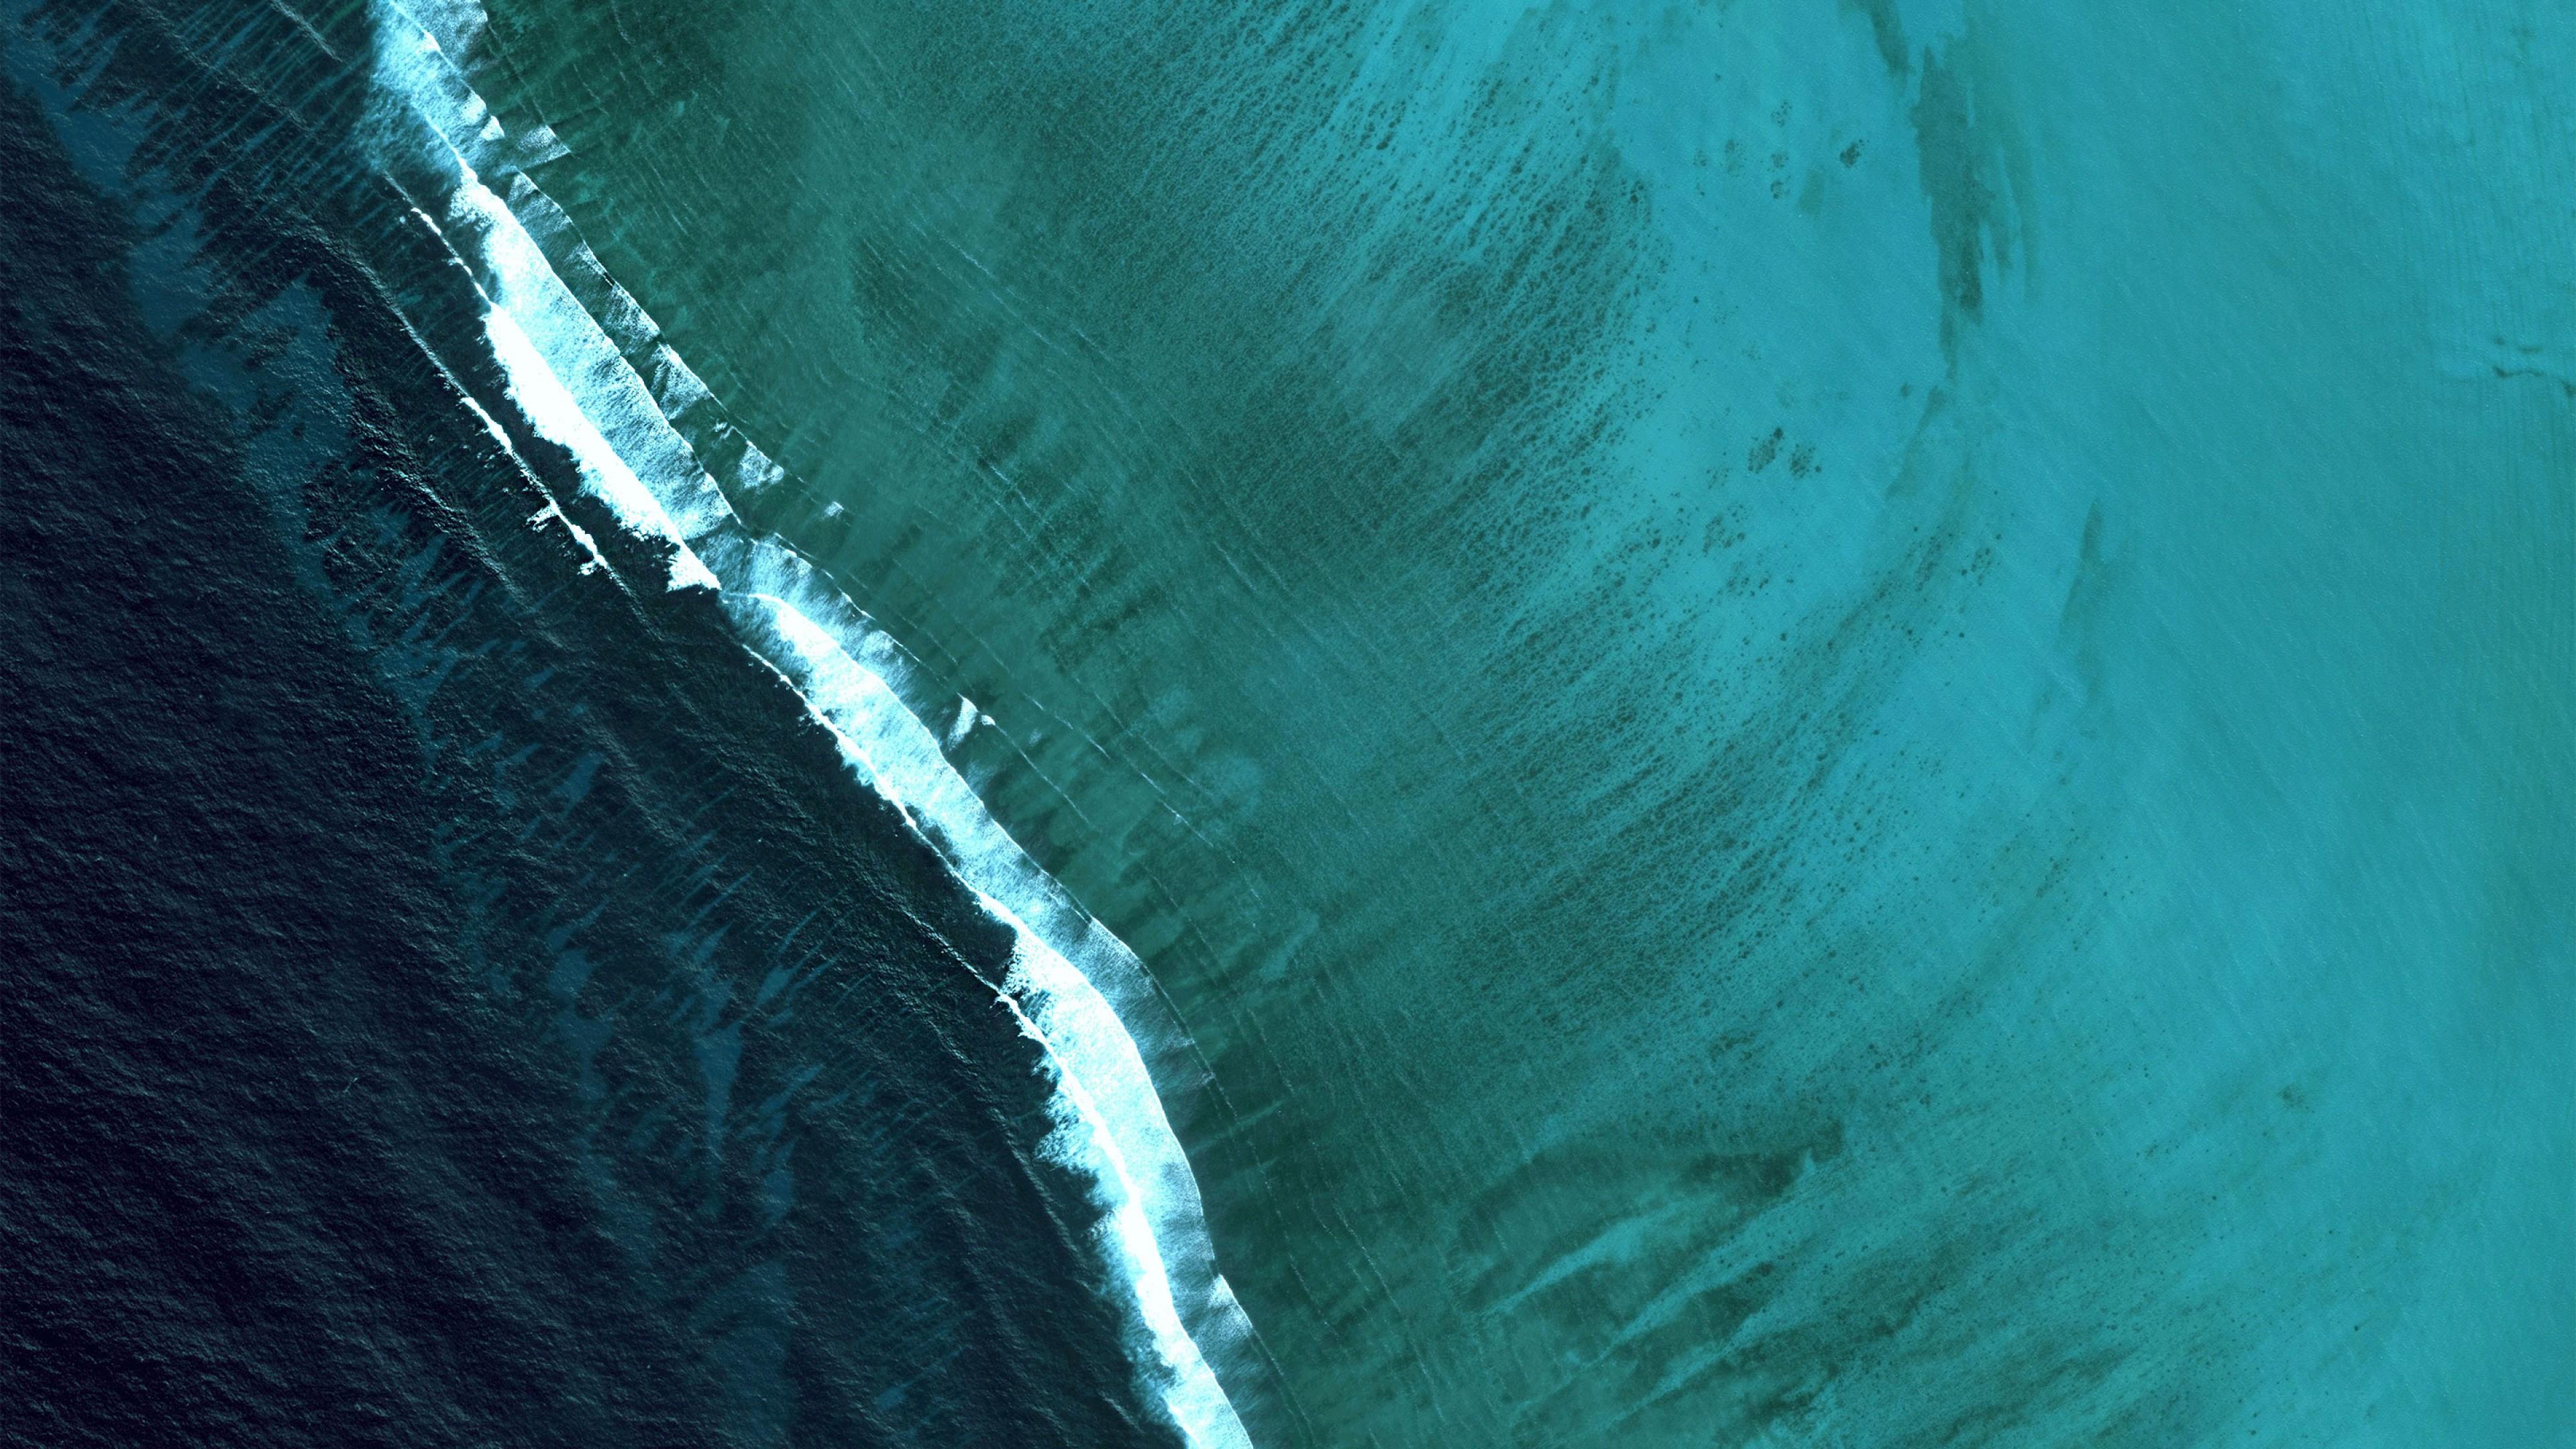 Волнообразный бирюзовый и ступенчатый темно-синий с белой полосой фон